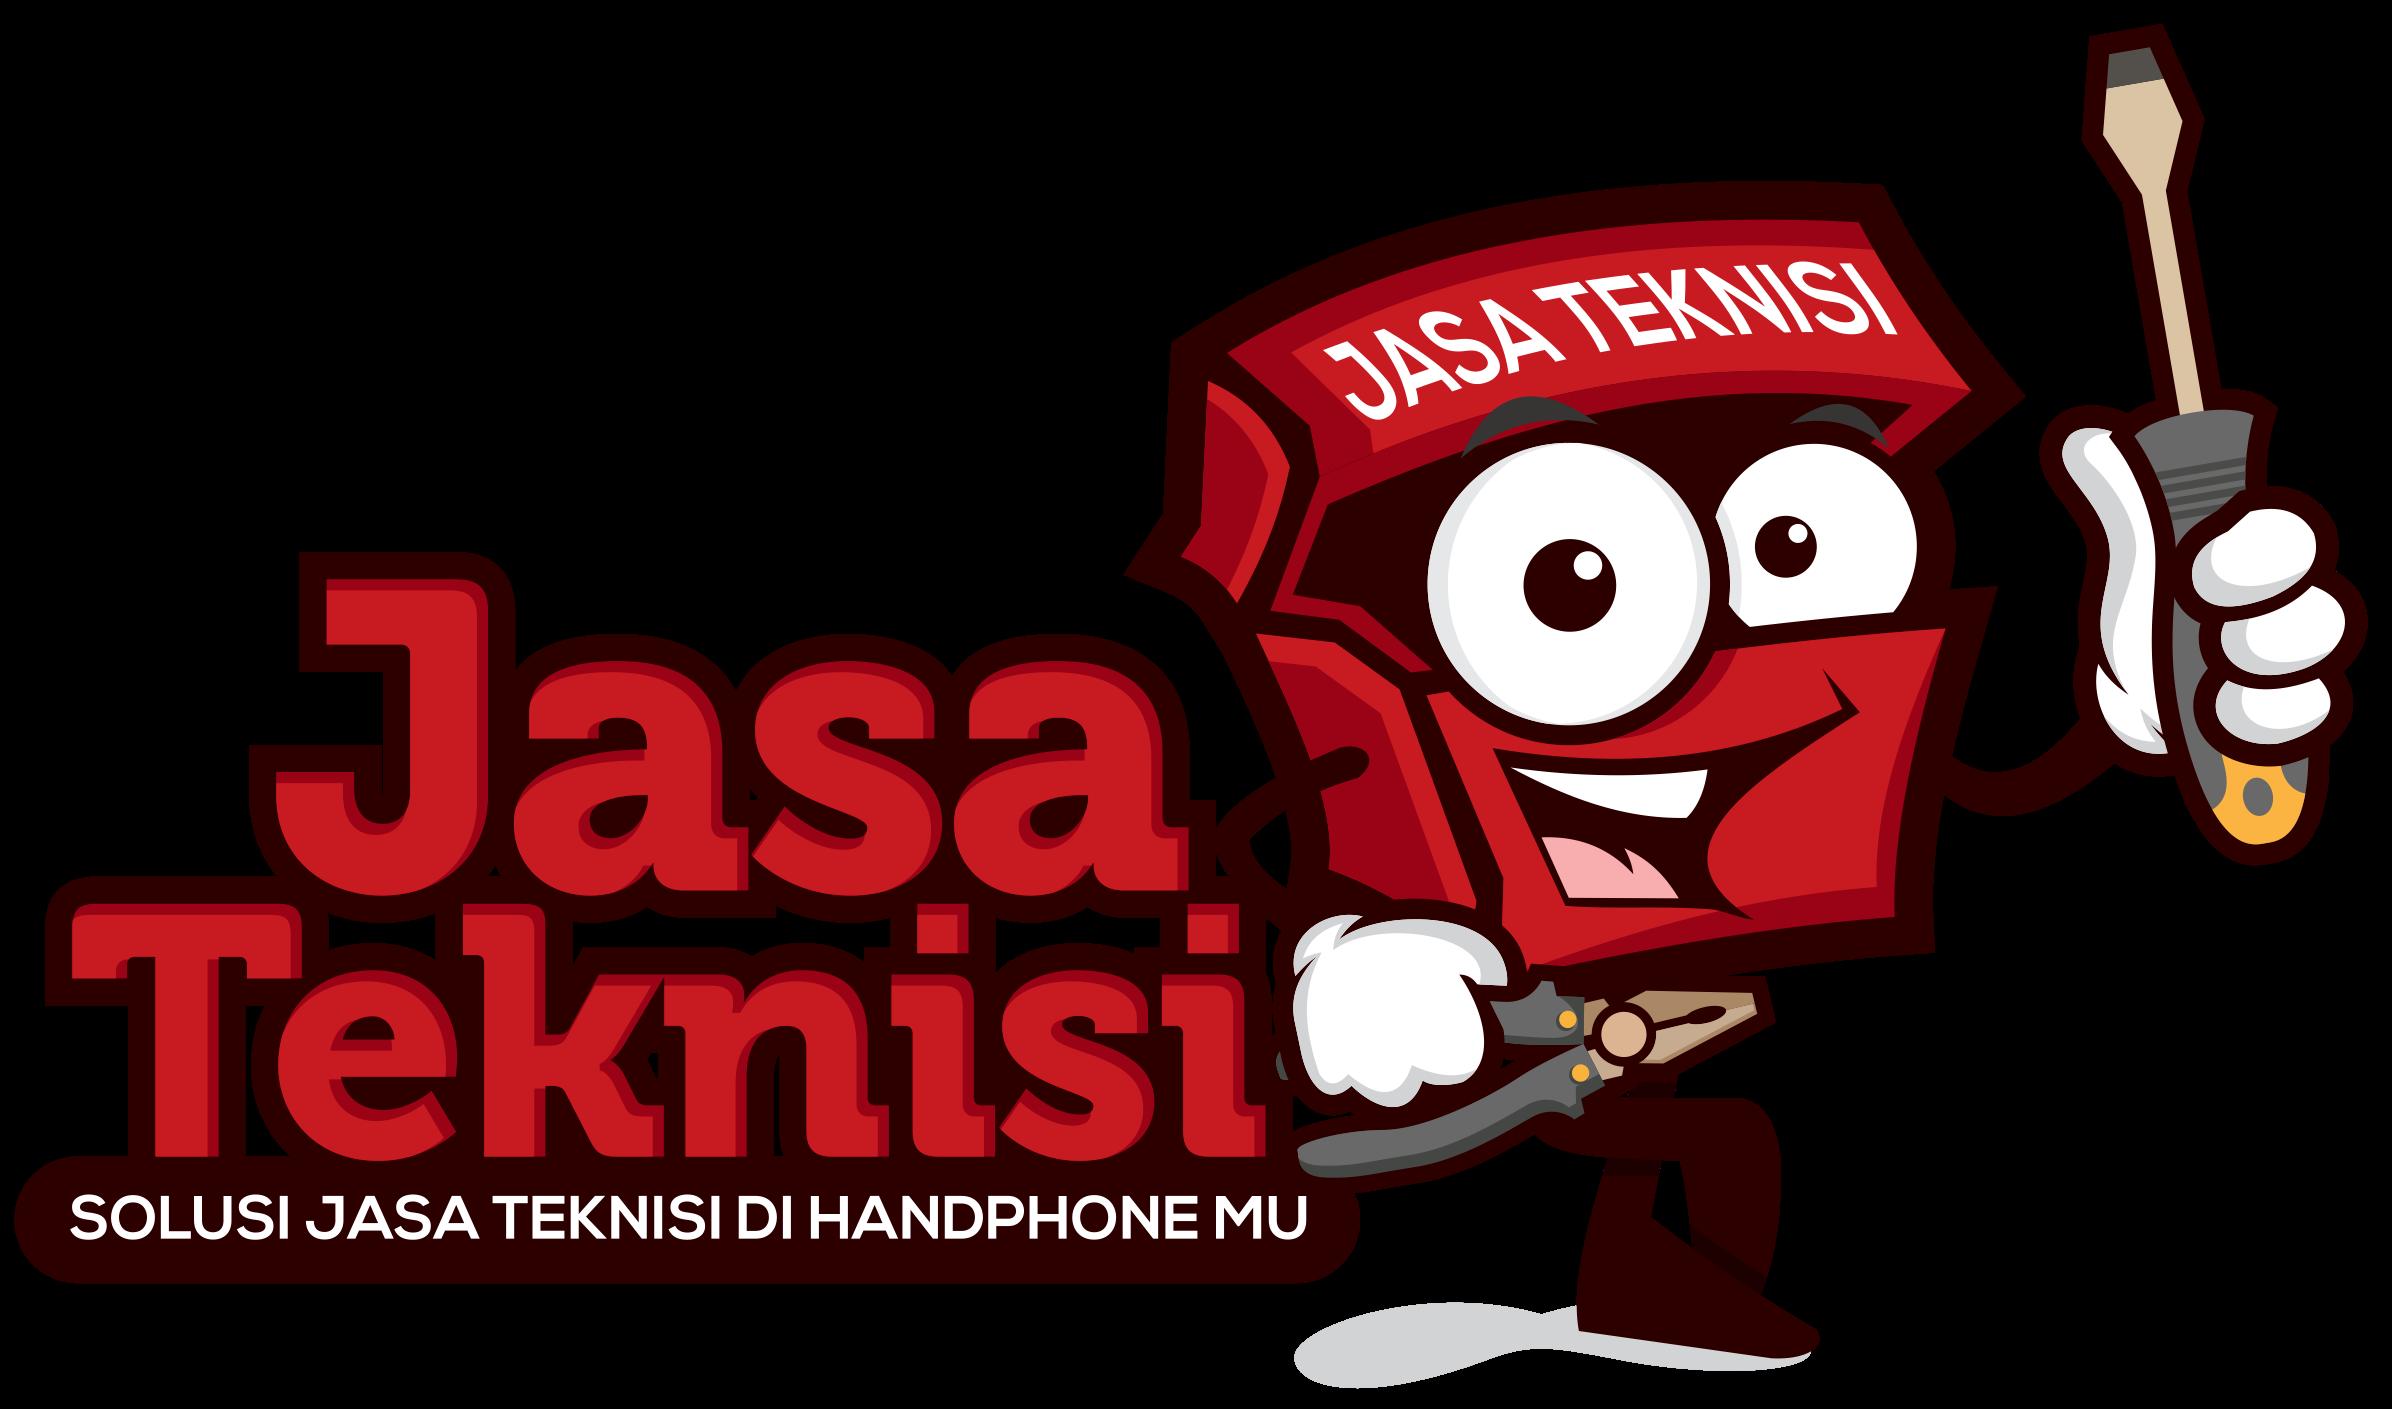 jasa teknisi online di indonesia berbasis Android dan IOS